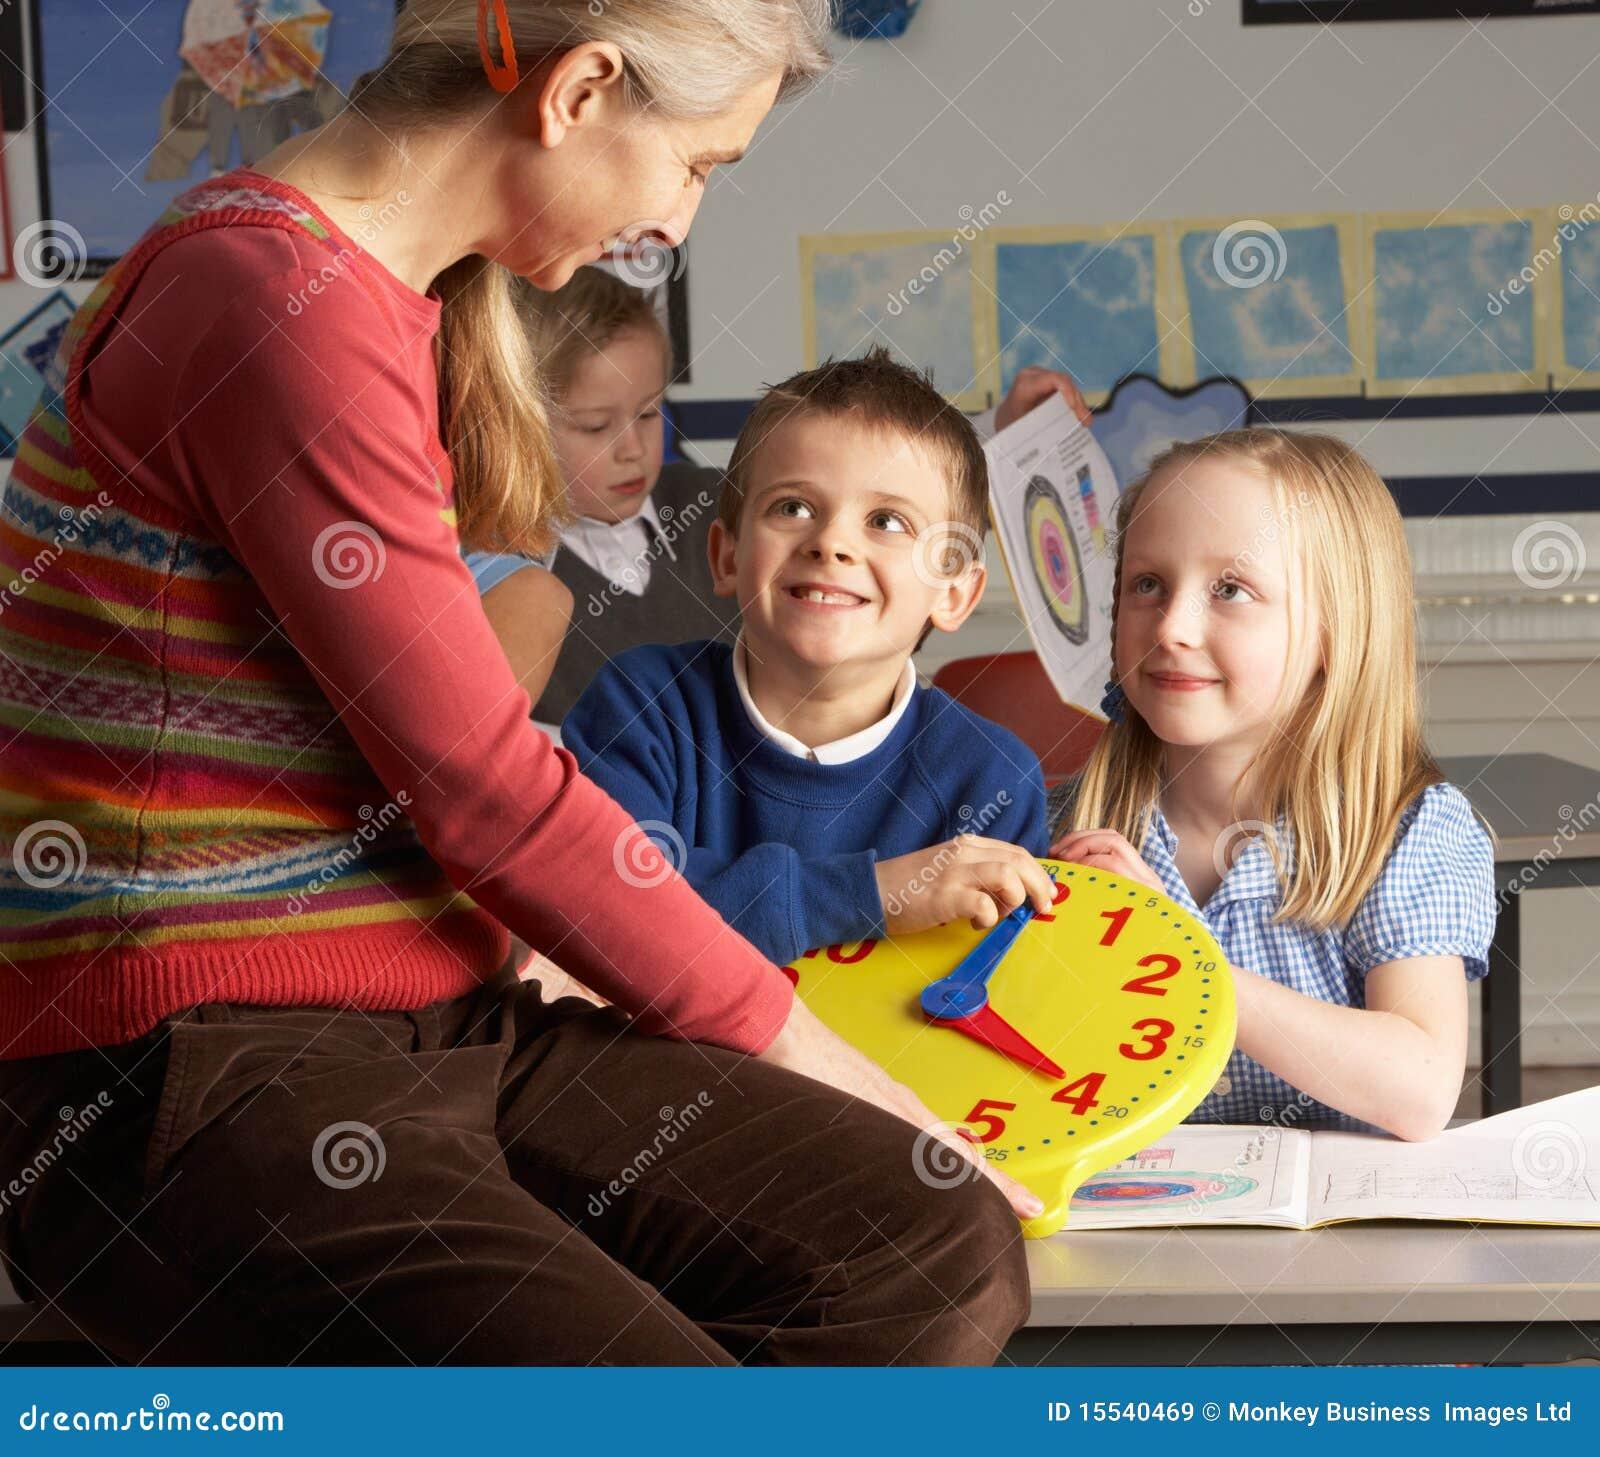 Teaching för lärare för barnkvinnliggrundskola för barn mellan 5 och 11 år